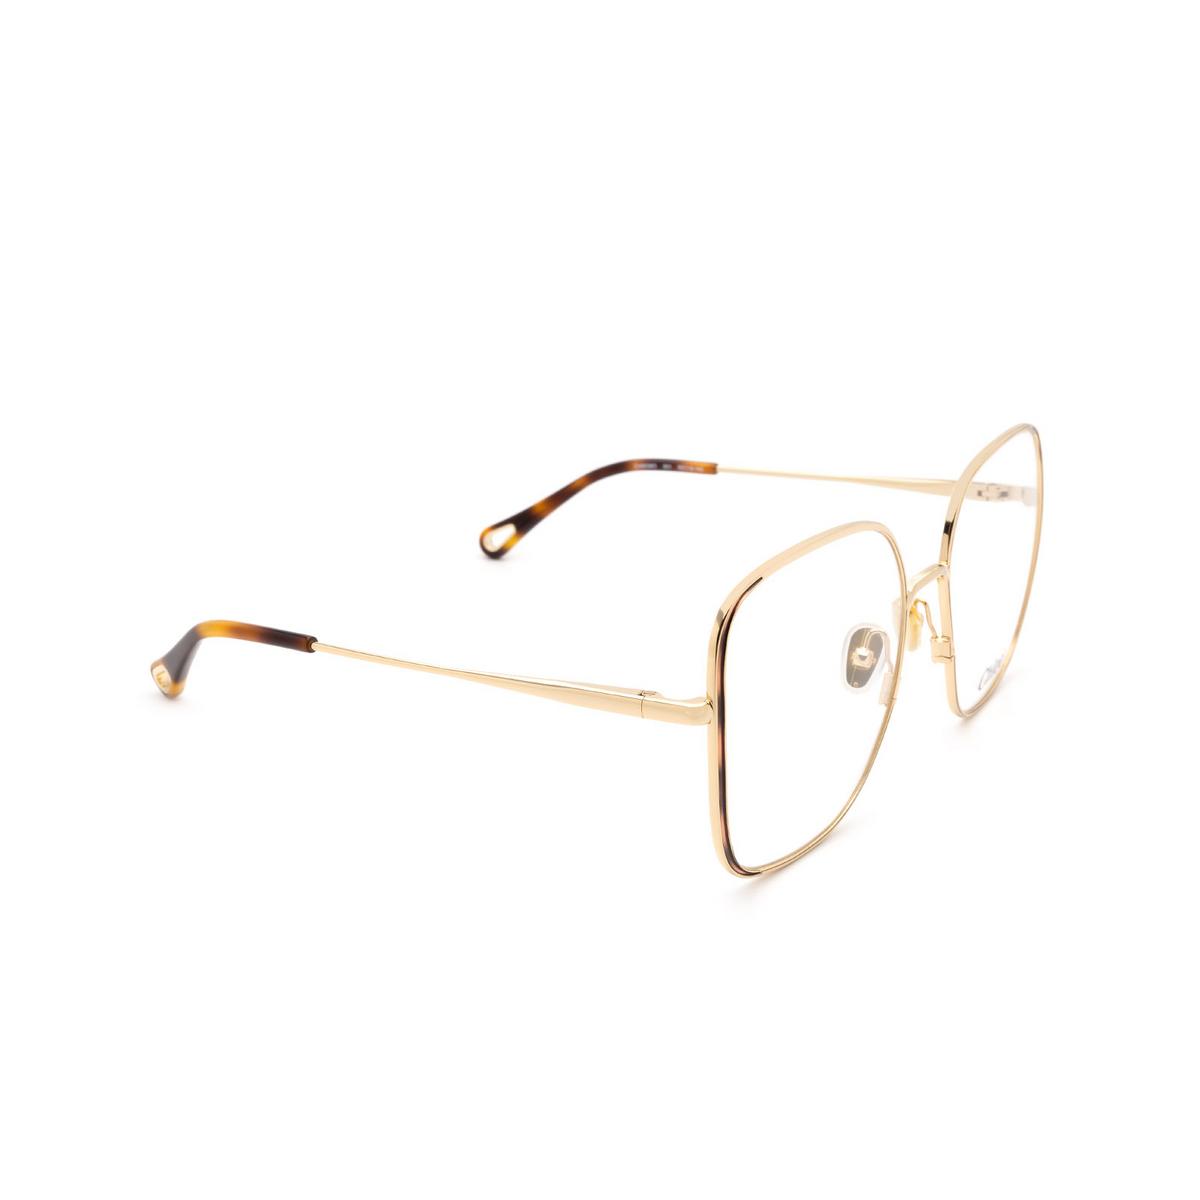 Chloé® Square Eyeglasses: CH0038O color Gold & Havana 001 - three-quarters view.